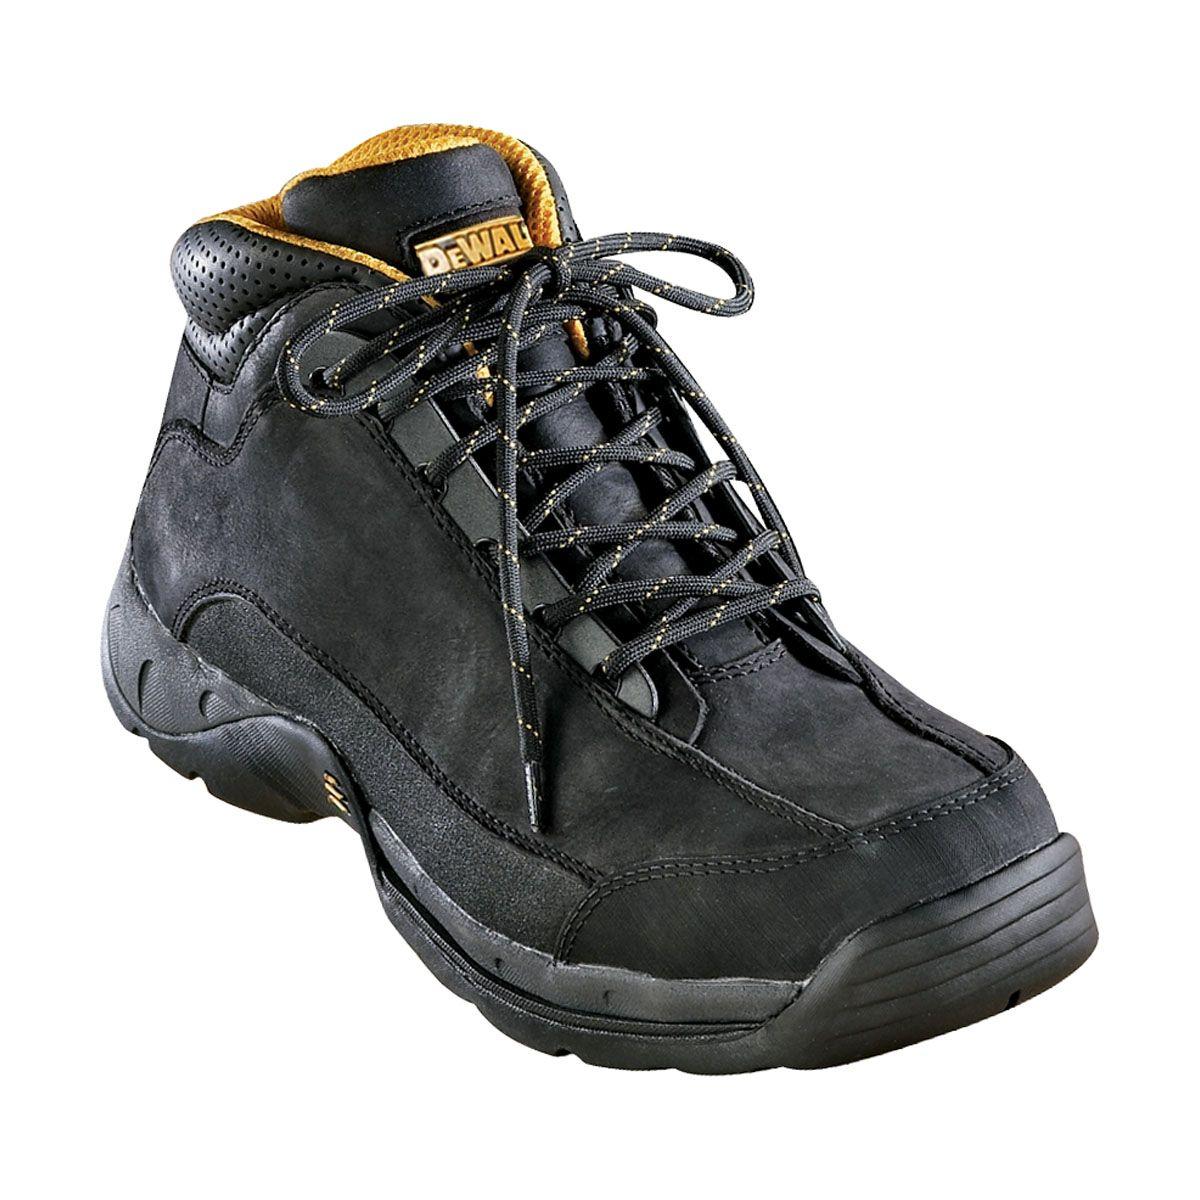 DeWalt Men's Baltimore Black Steel Toe Hiker Boot